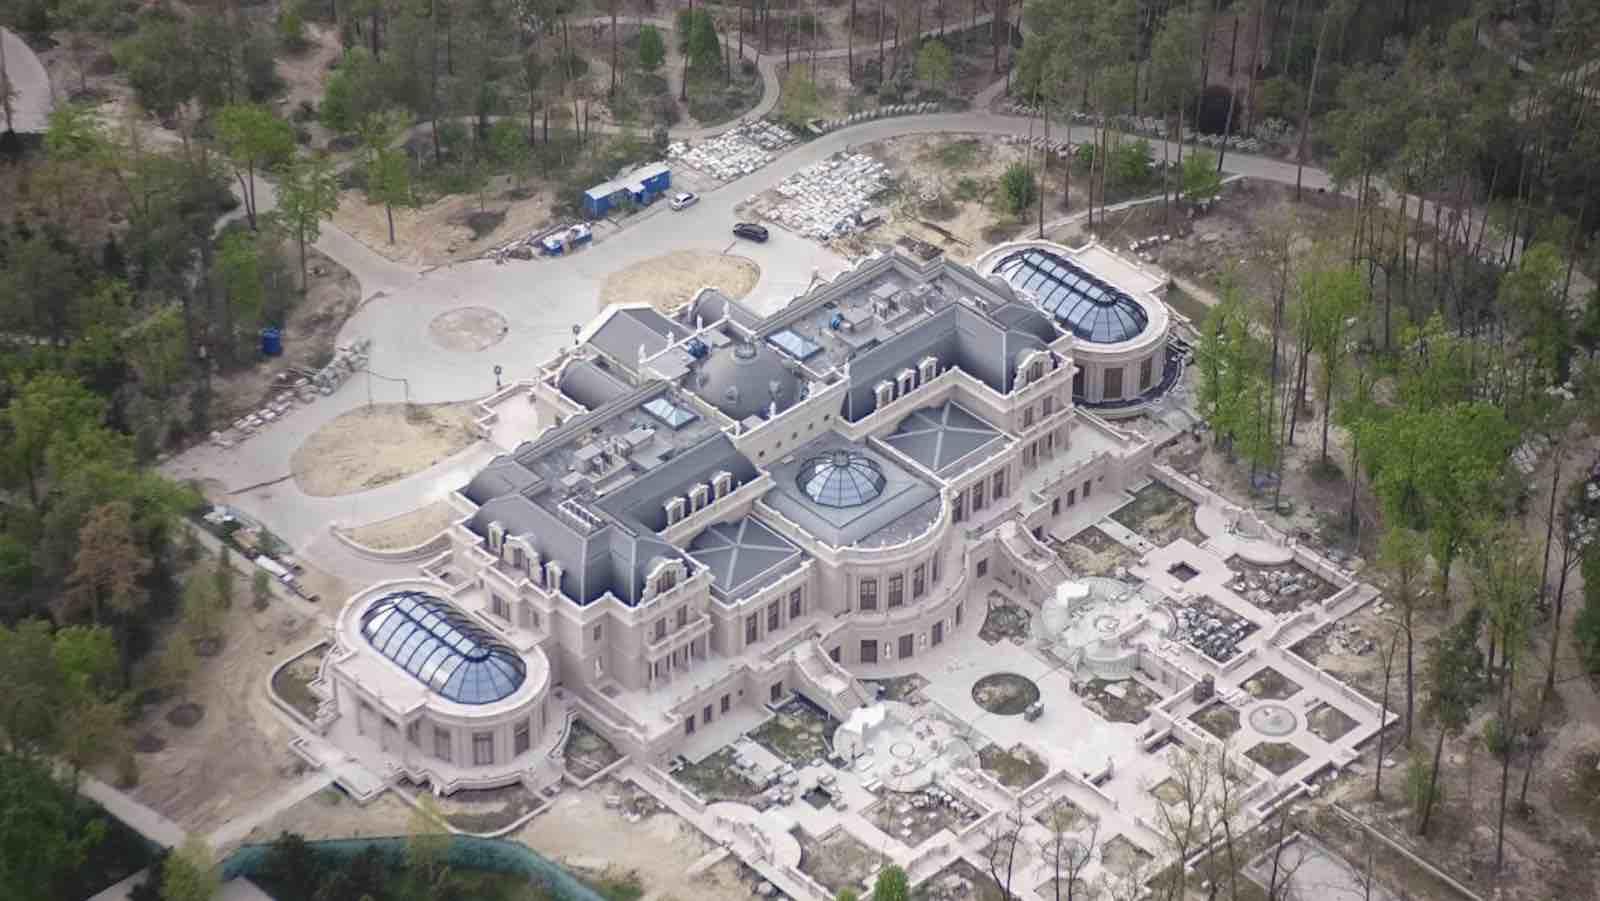 Chequea la espectacular mega mansión de un multimillonario ucraniano, en construcción en estos momentos